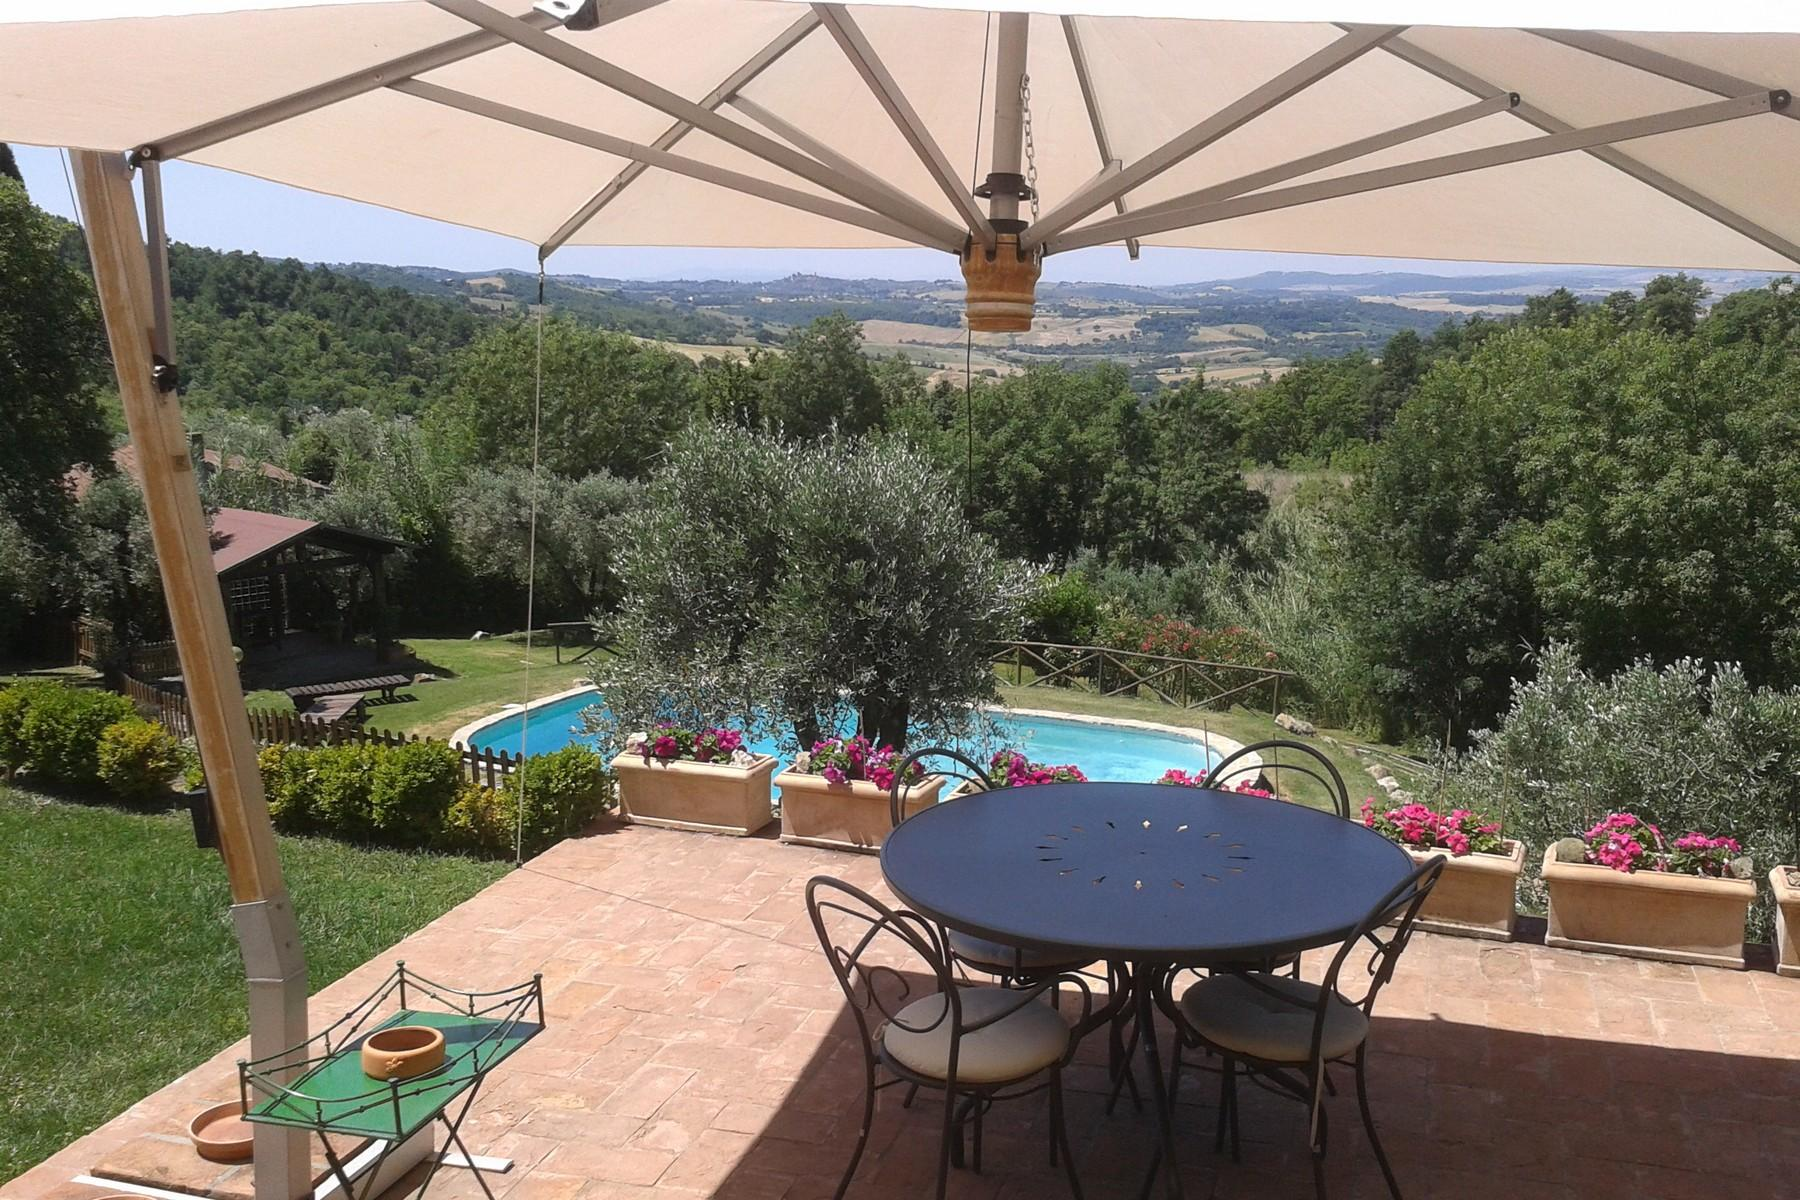 俯瞰Saturnia和周边优美景致的农舍且享有副楼 - 10